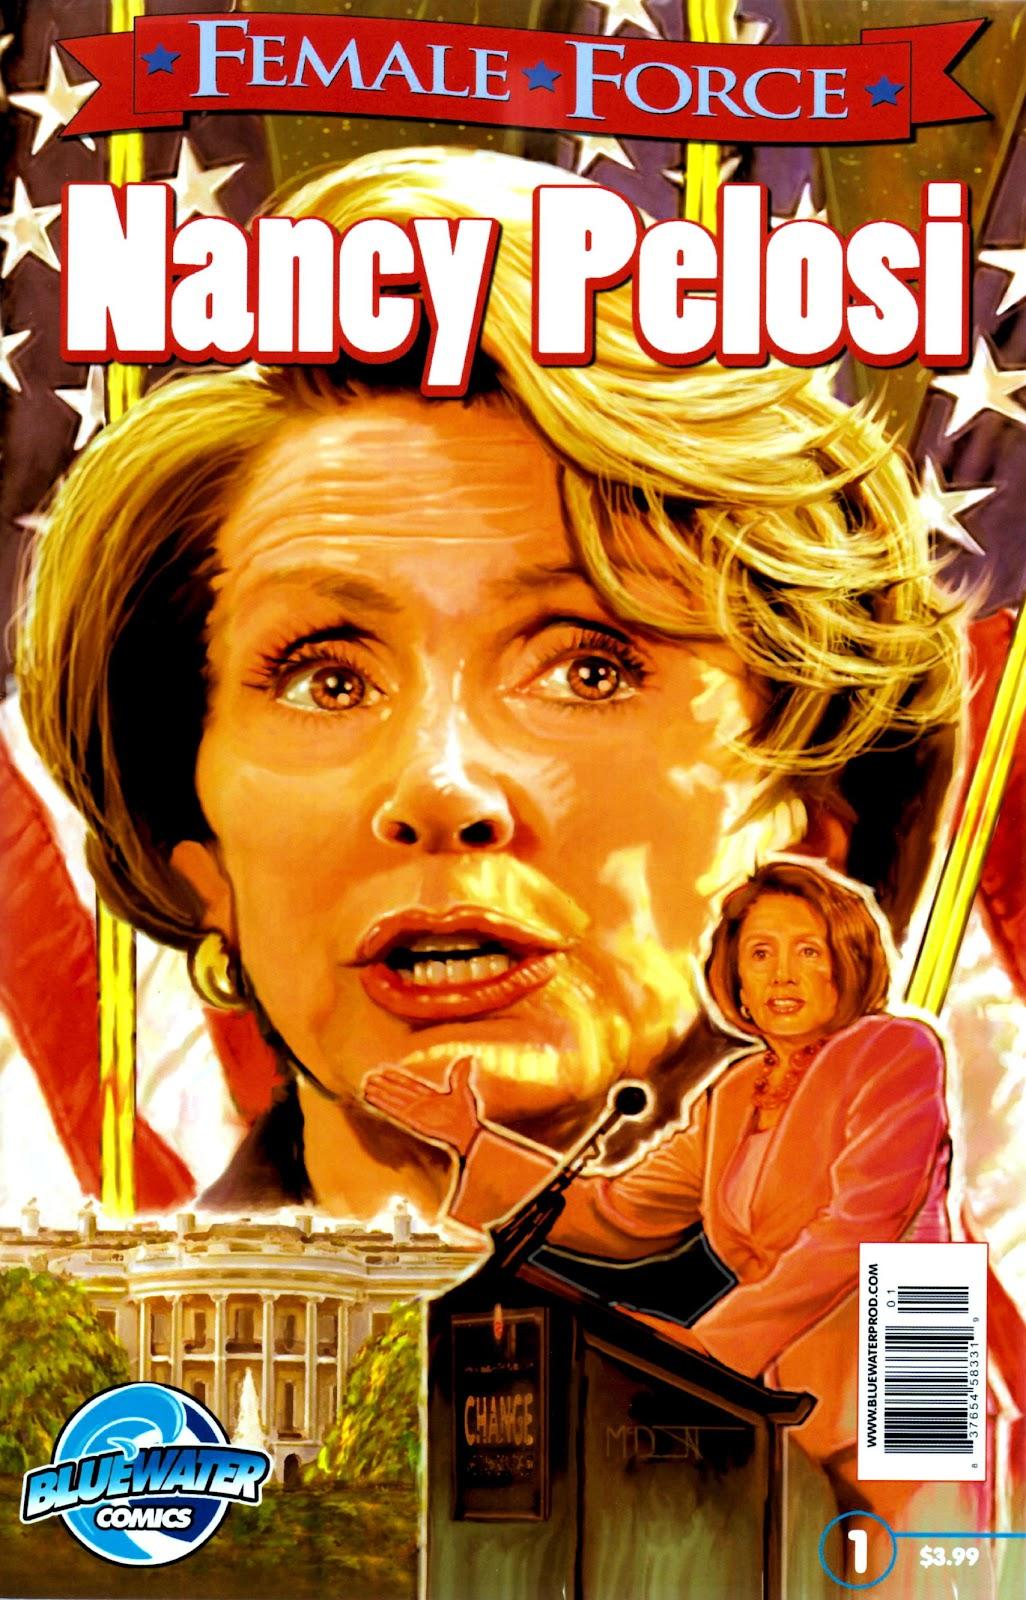 Female Force: Nancy Pelosi Full Page 1